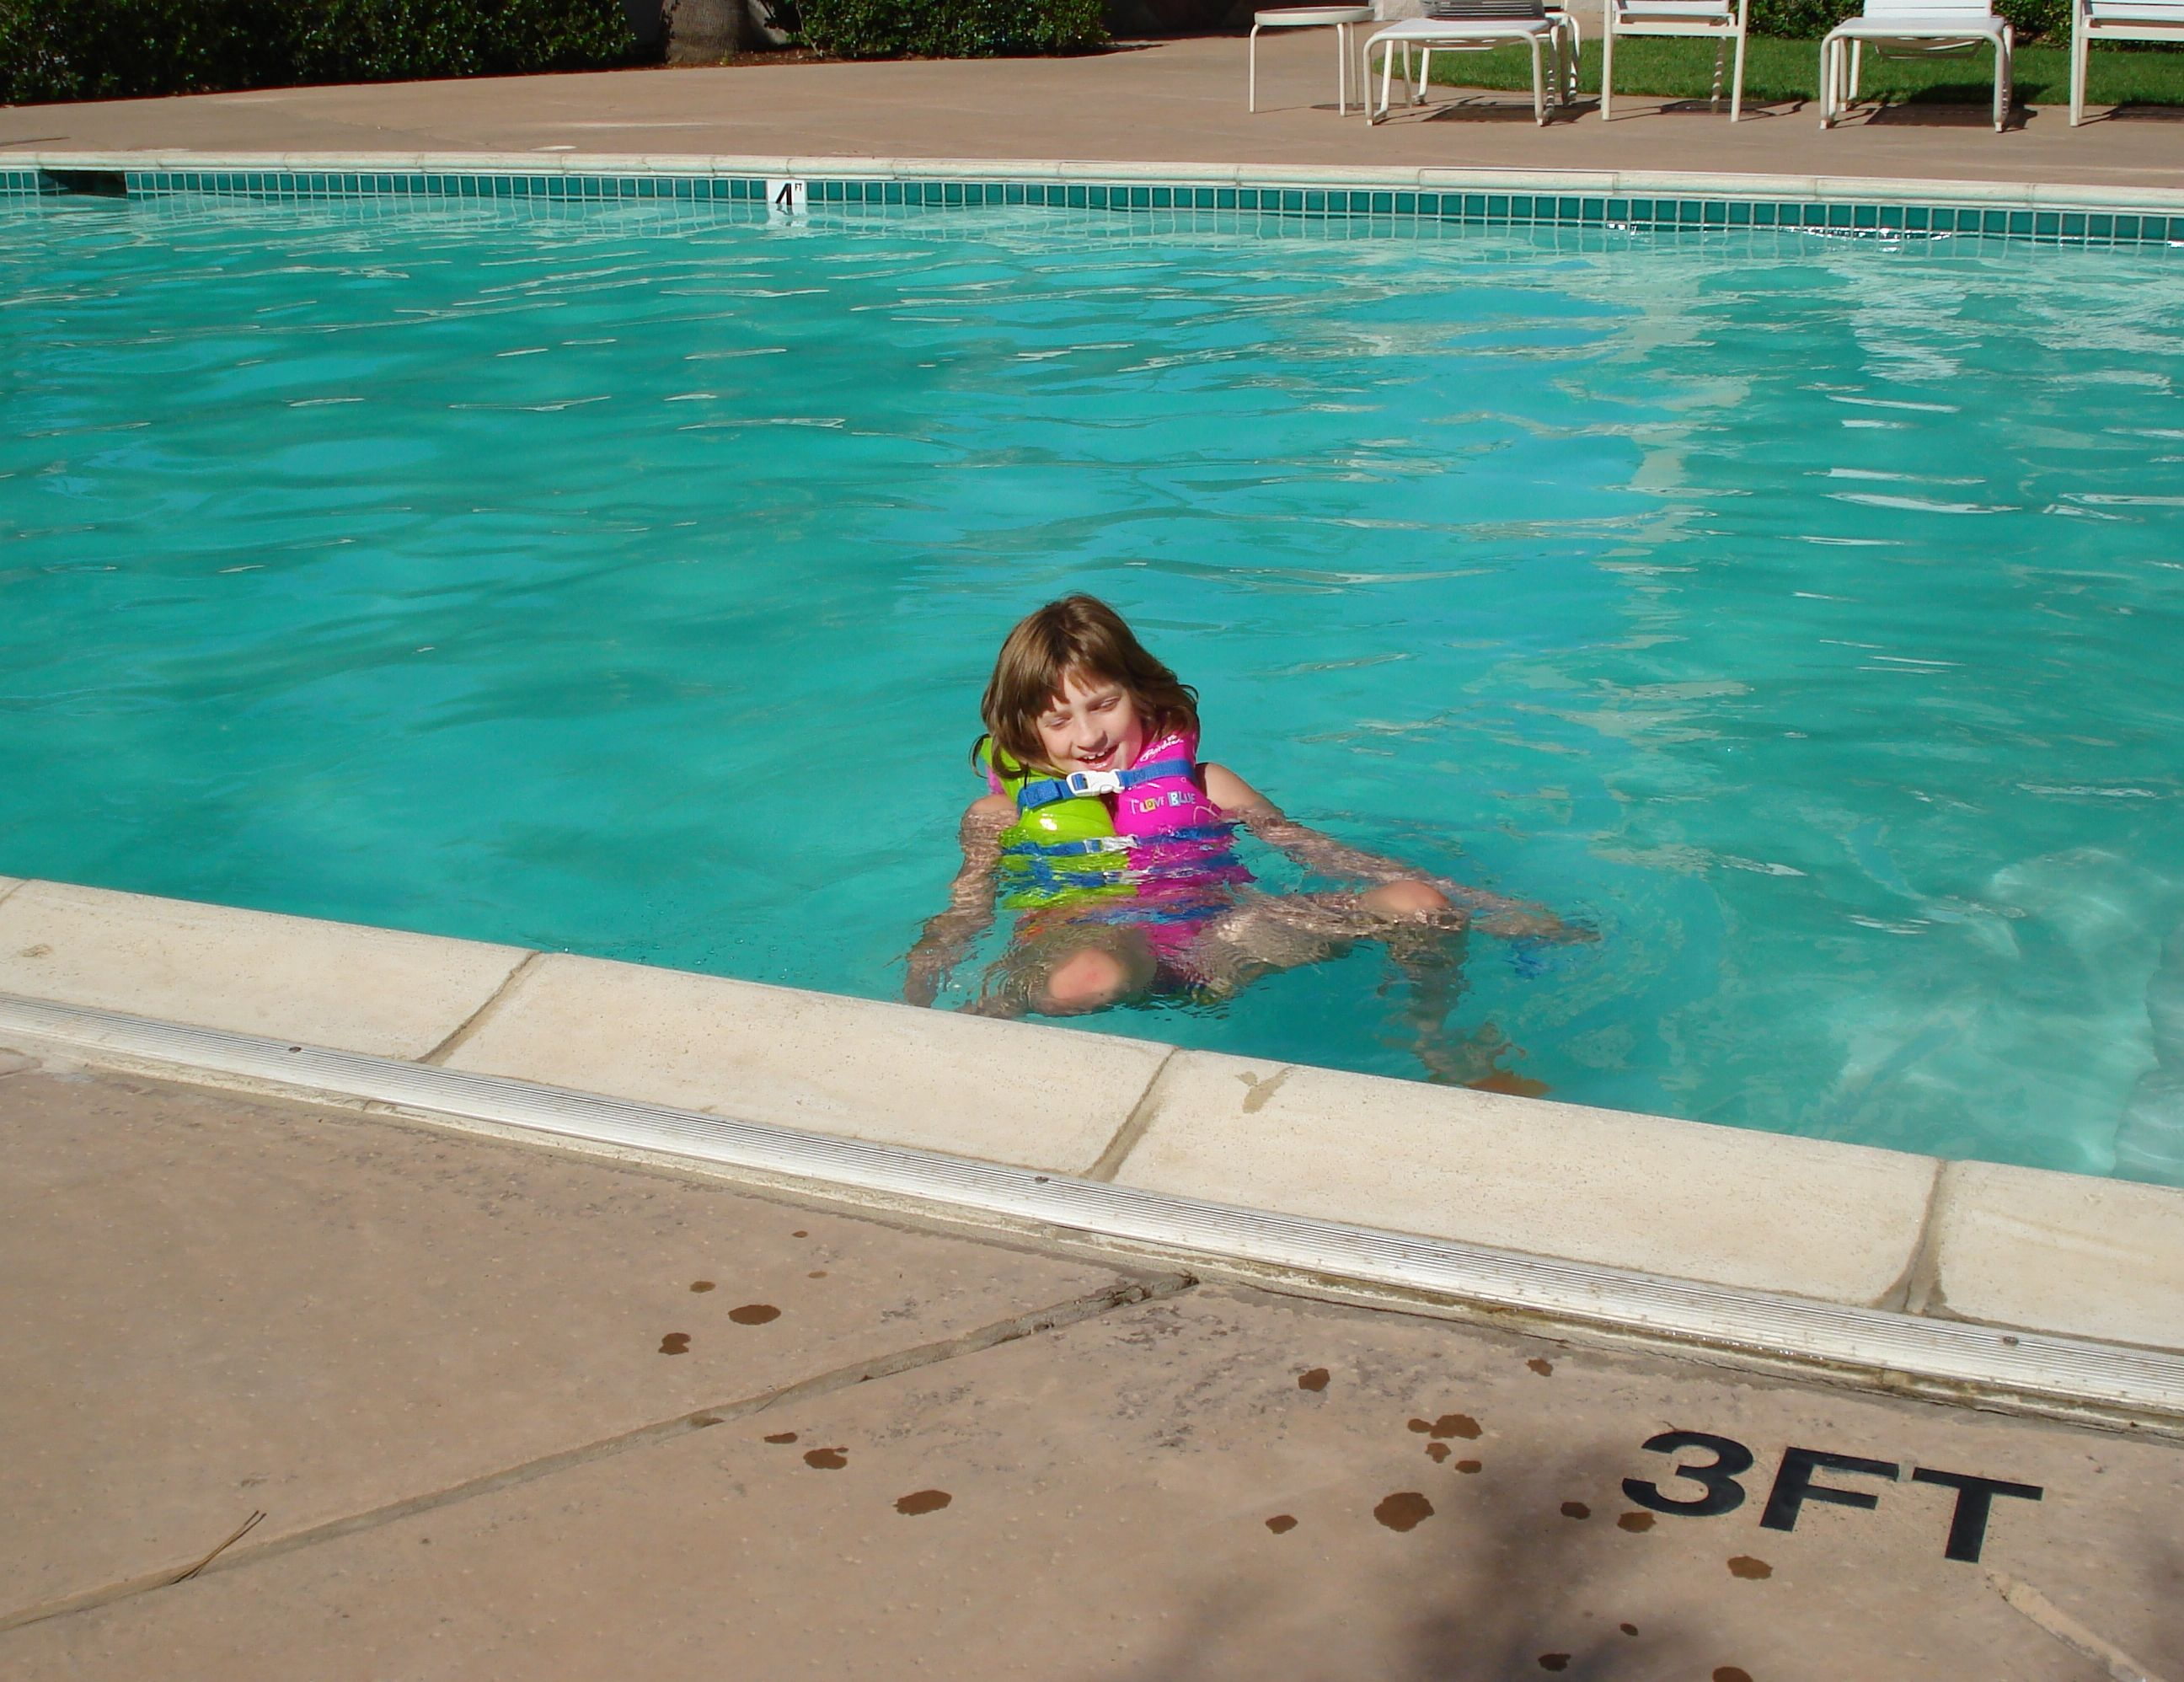 tall kid swims in big hotel pool